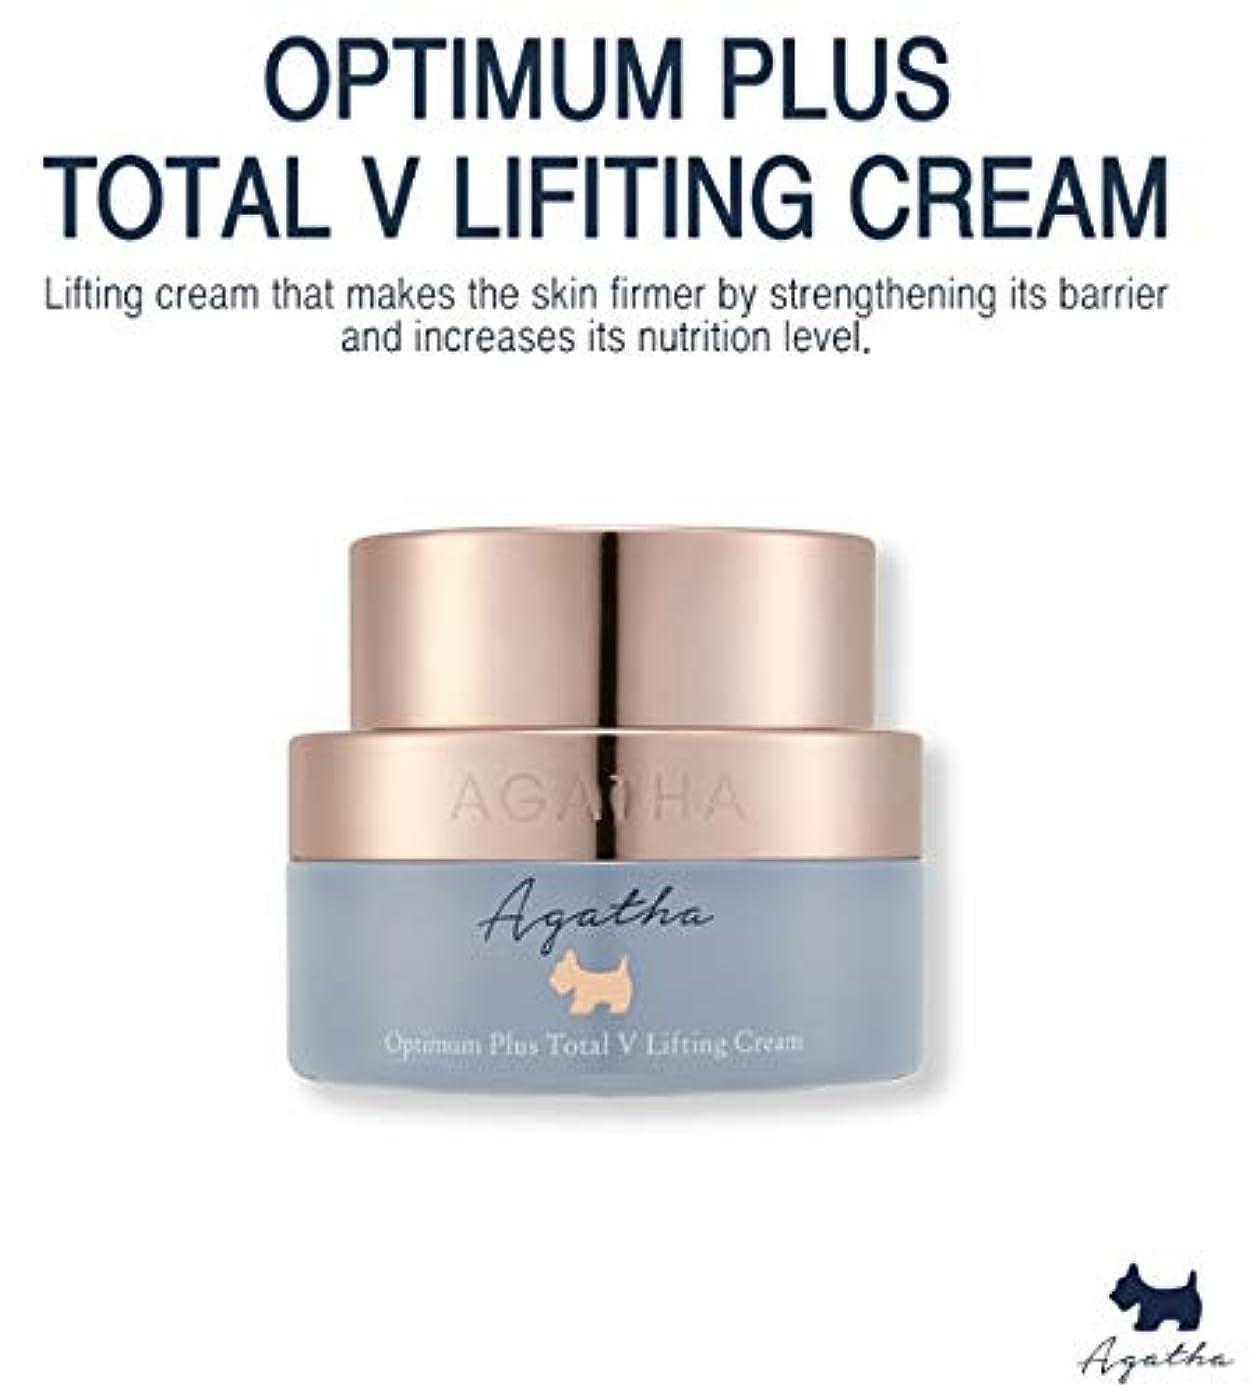 ヒョウく連鎖アガタ オプチマムプラス トータルVリフティングクリーム Optimum Plus Total V Lifting Cream 50ml [並行輸入品]